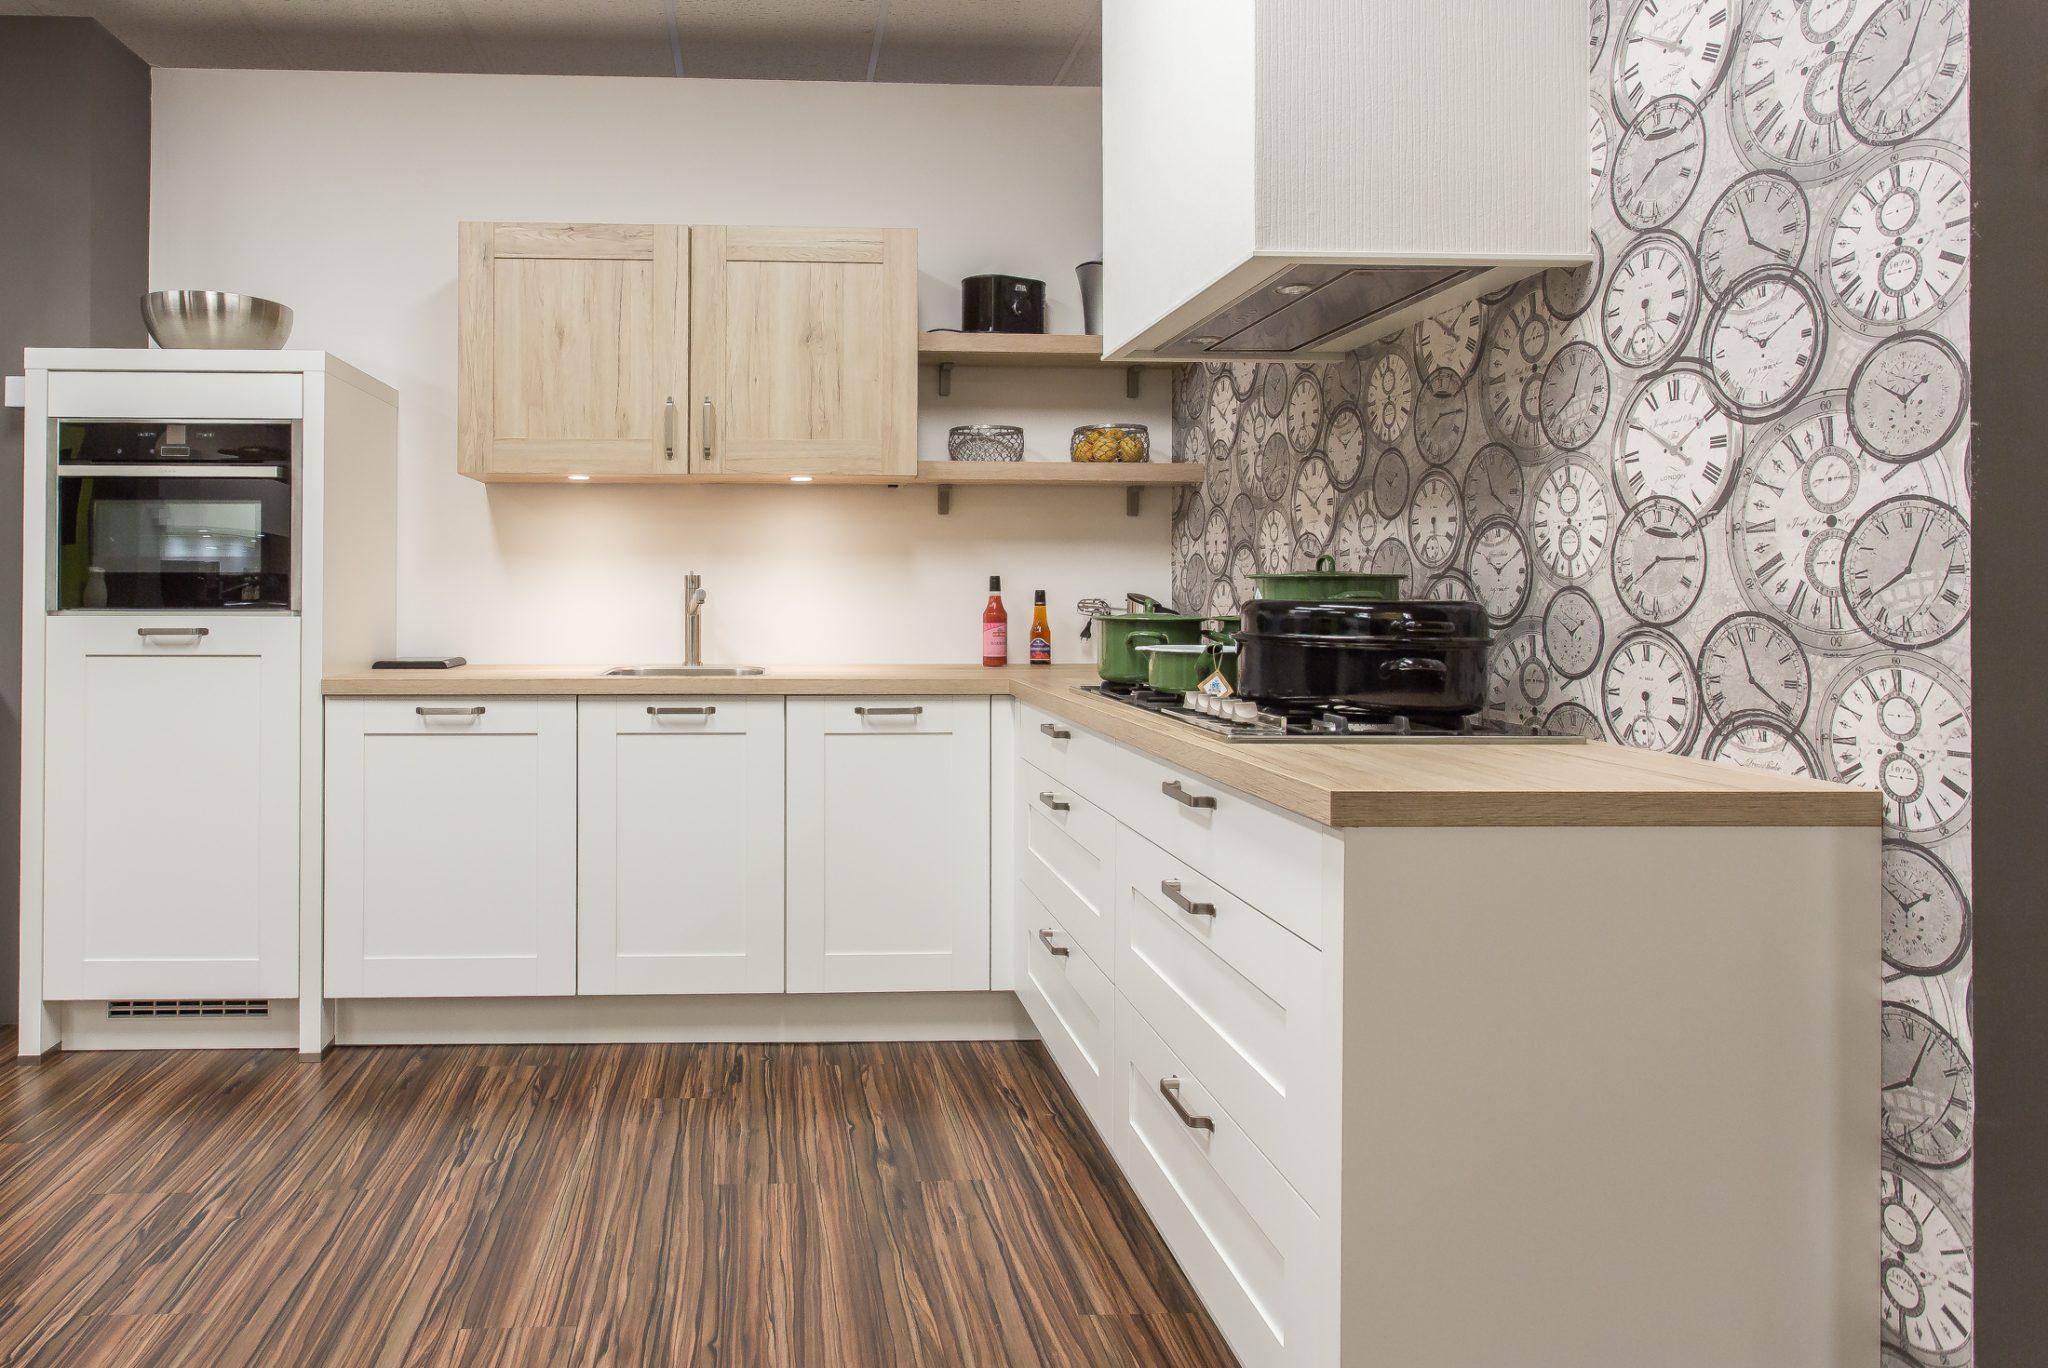 Design Keukens Showroommodellen : Molto cucina cottage weiss showroommodel uniek keukens